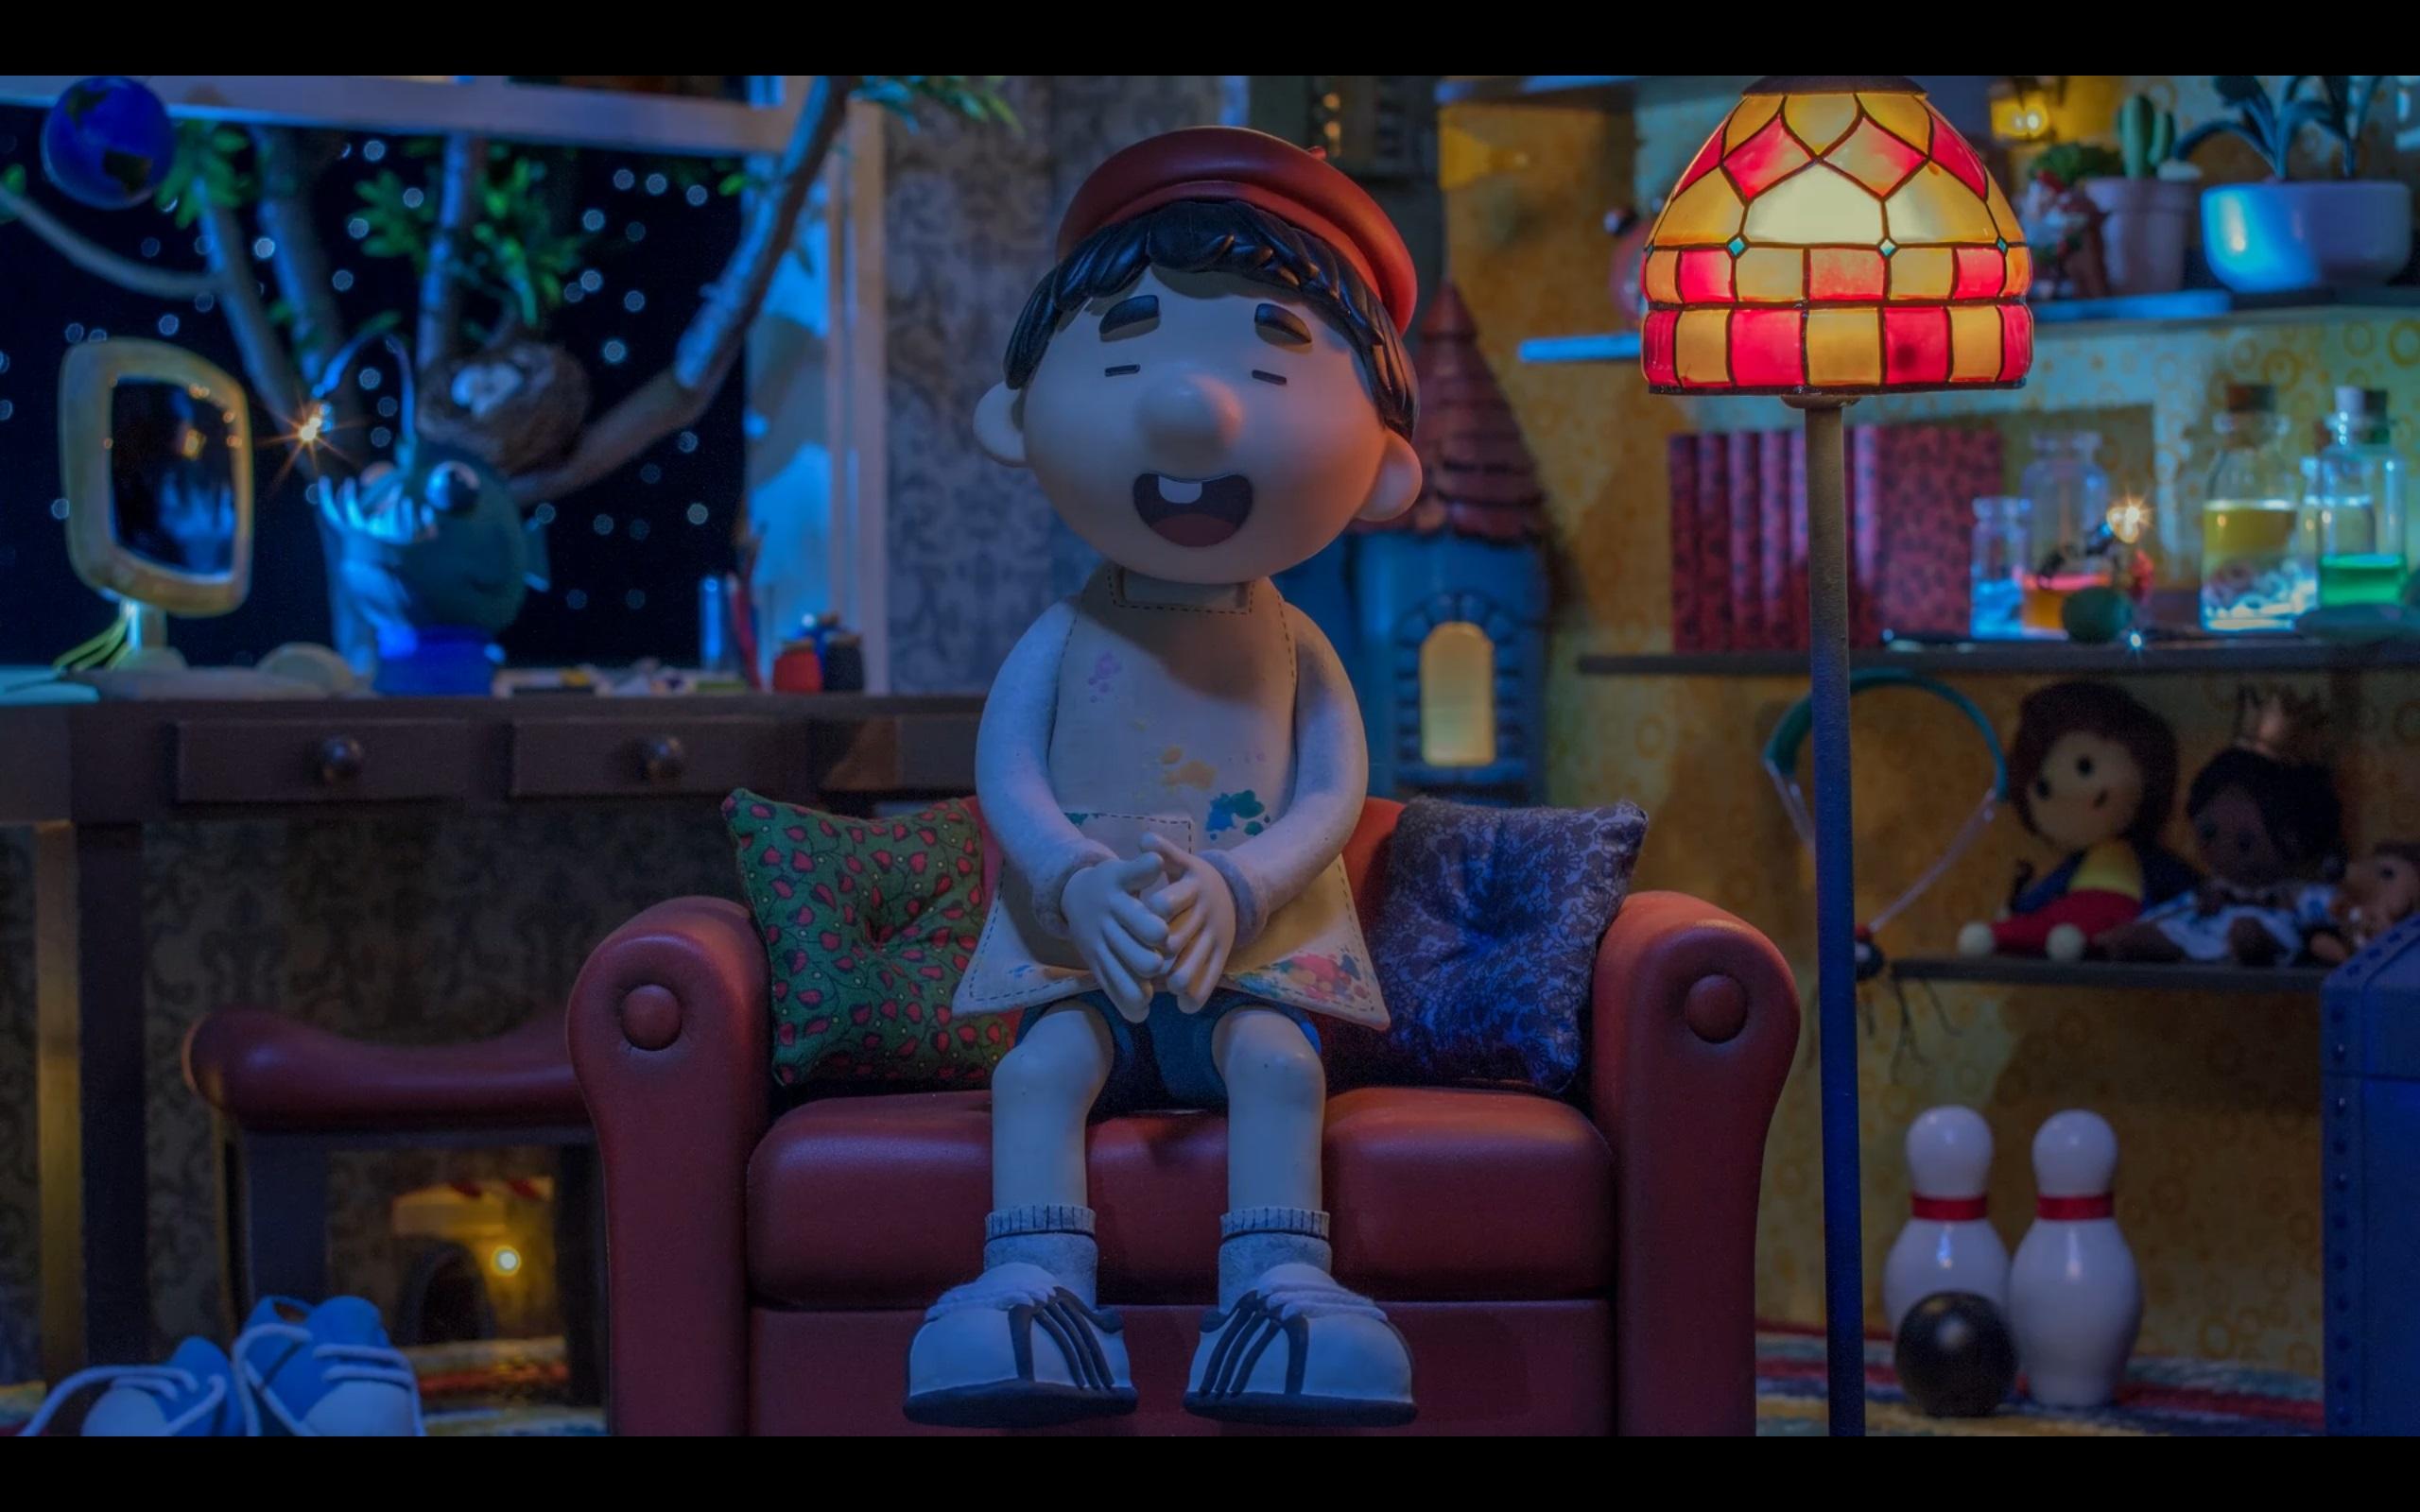 2o-anima-ceara-festival-de-cinema-de-animacao-game-e-web-comeca-nesta-quinta-feira-05